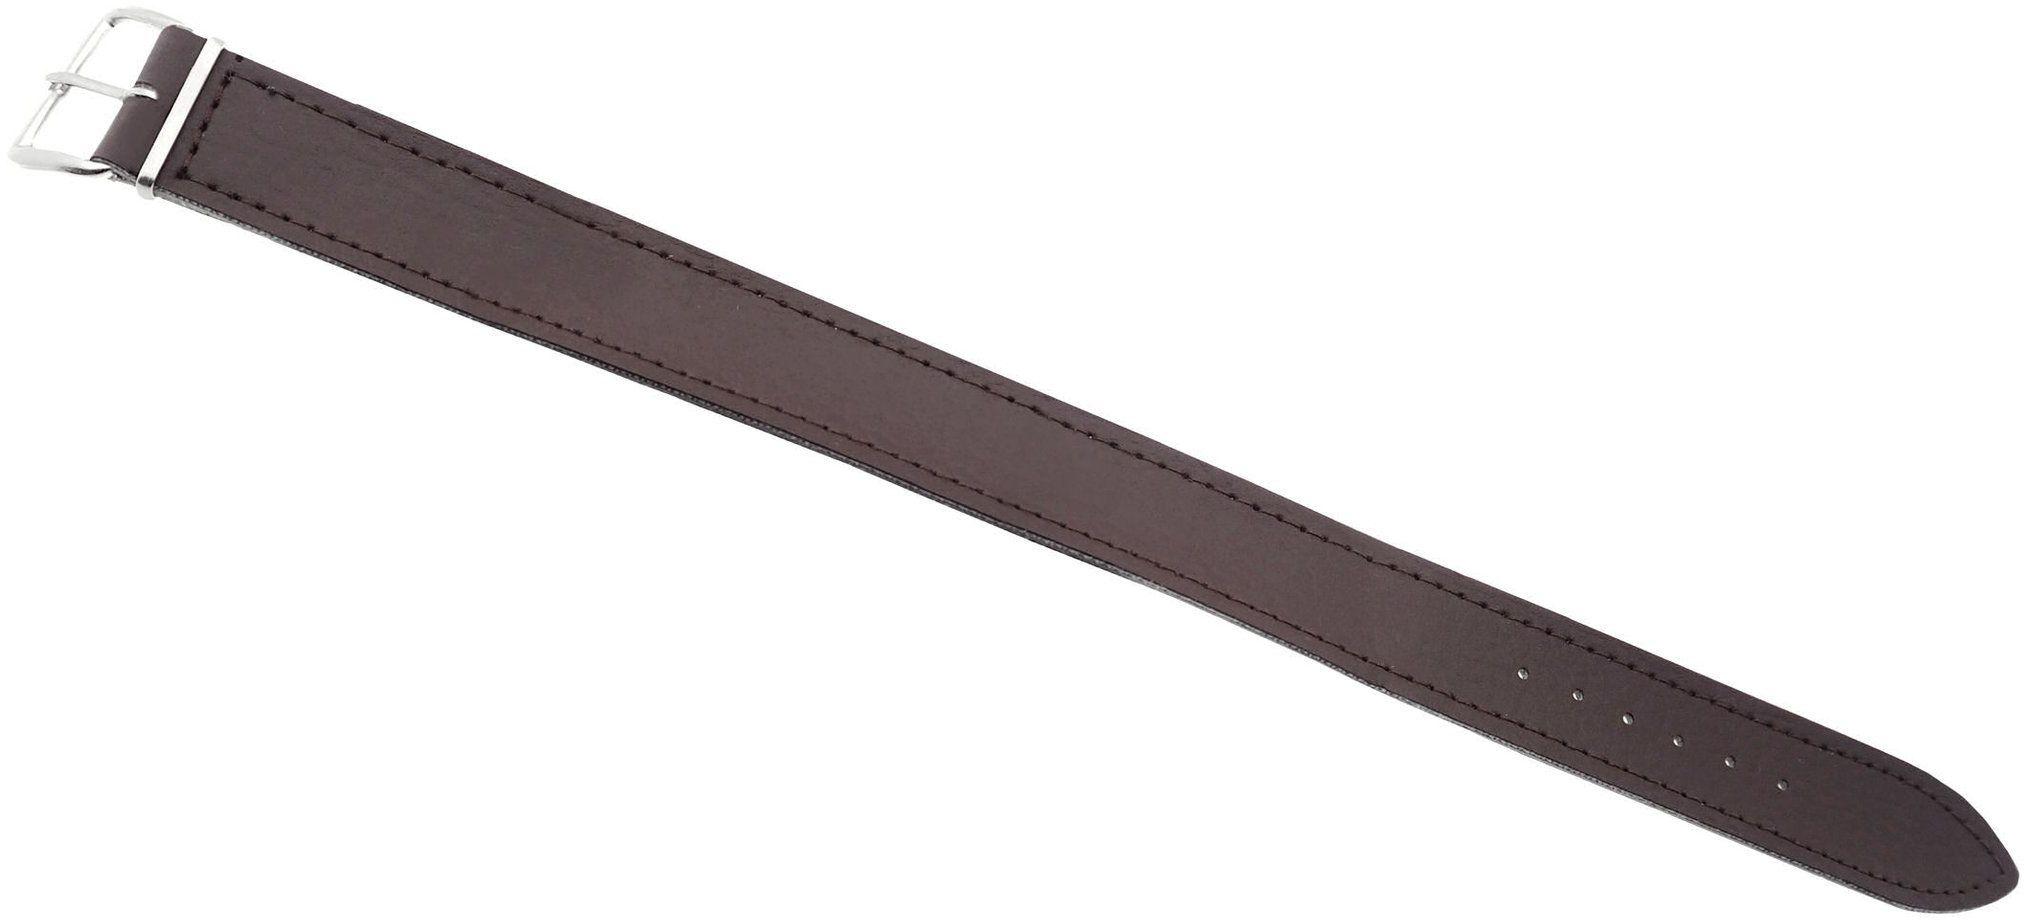 Skórzany pasek przeciągany do zegarka 16 mm brązowy